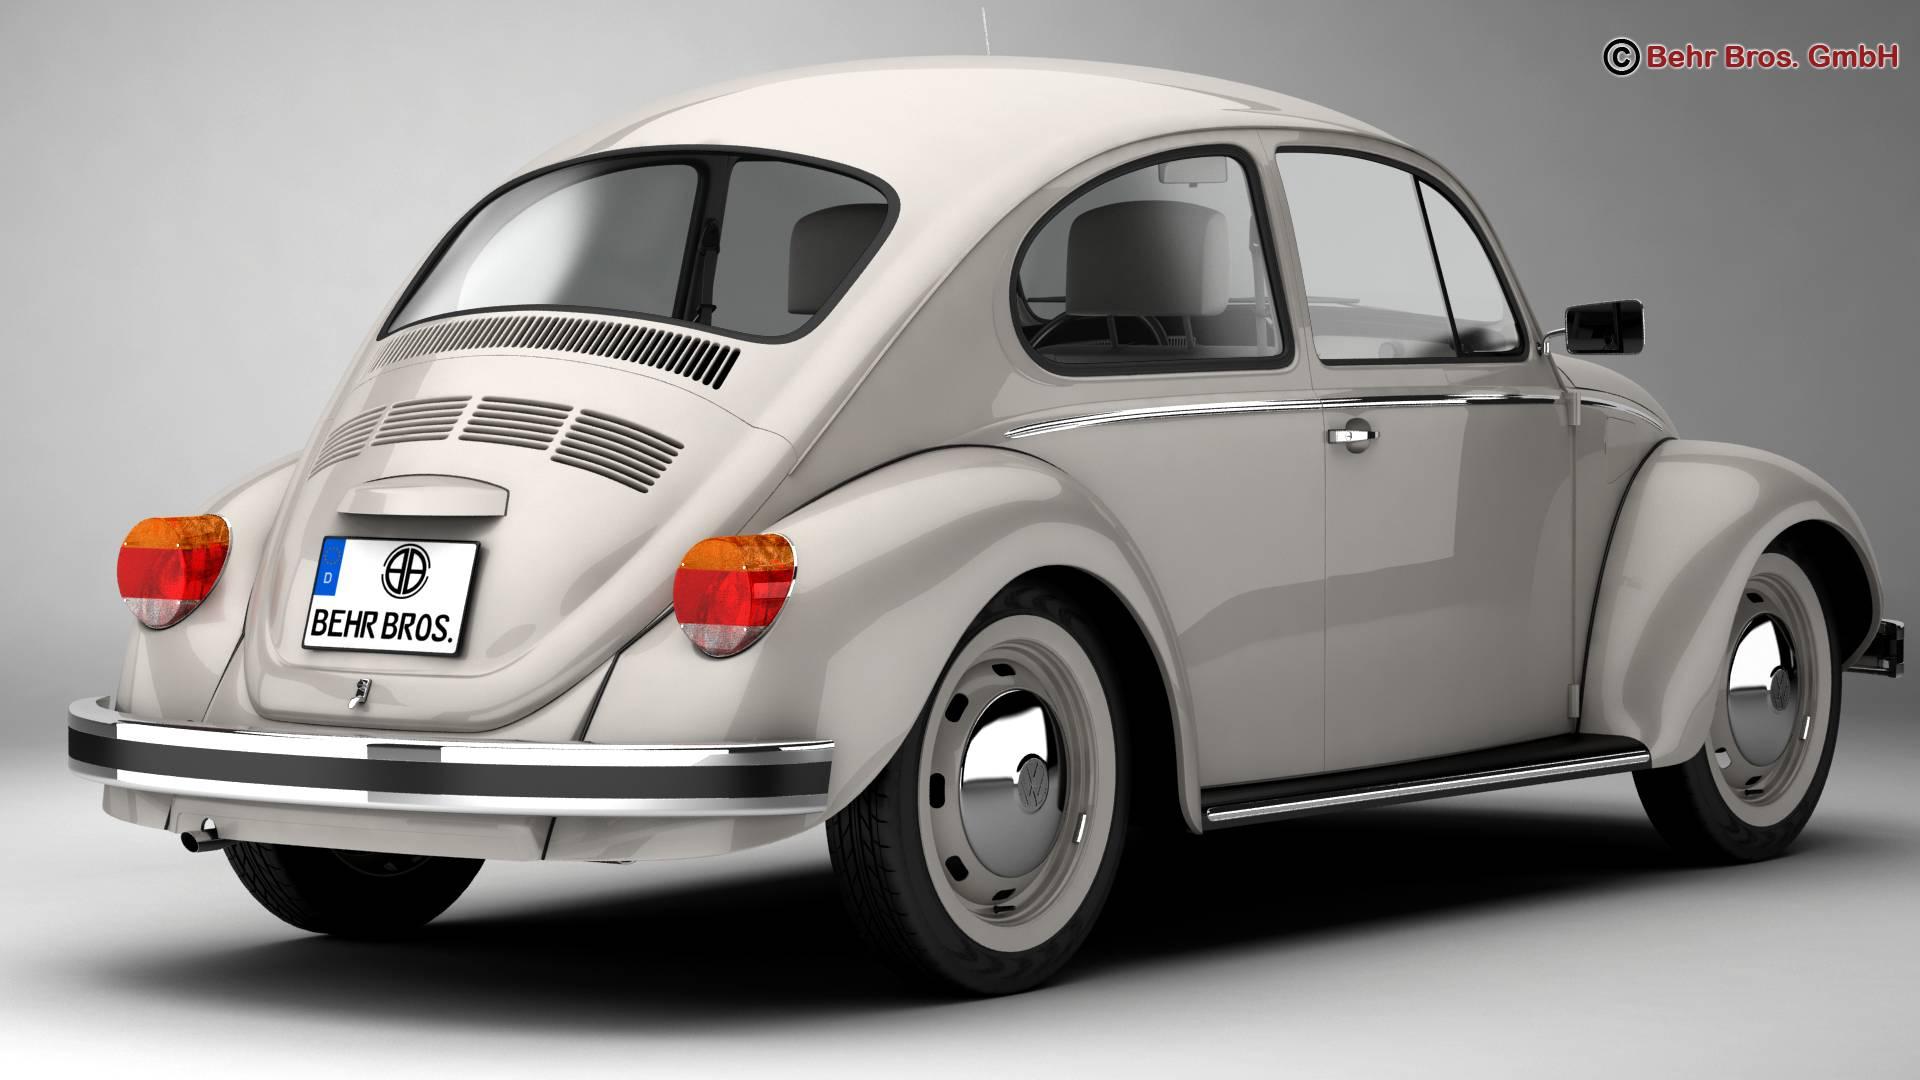 volkswagen beetle 2003 ultima edicion 3d model 3ds max fbx c4d lwo ma mb obj 220880